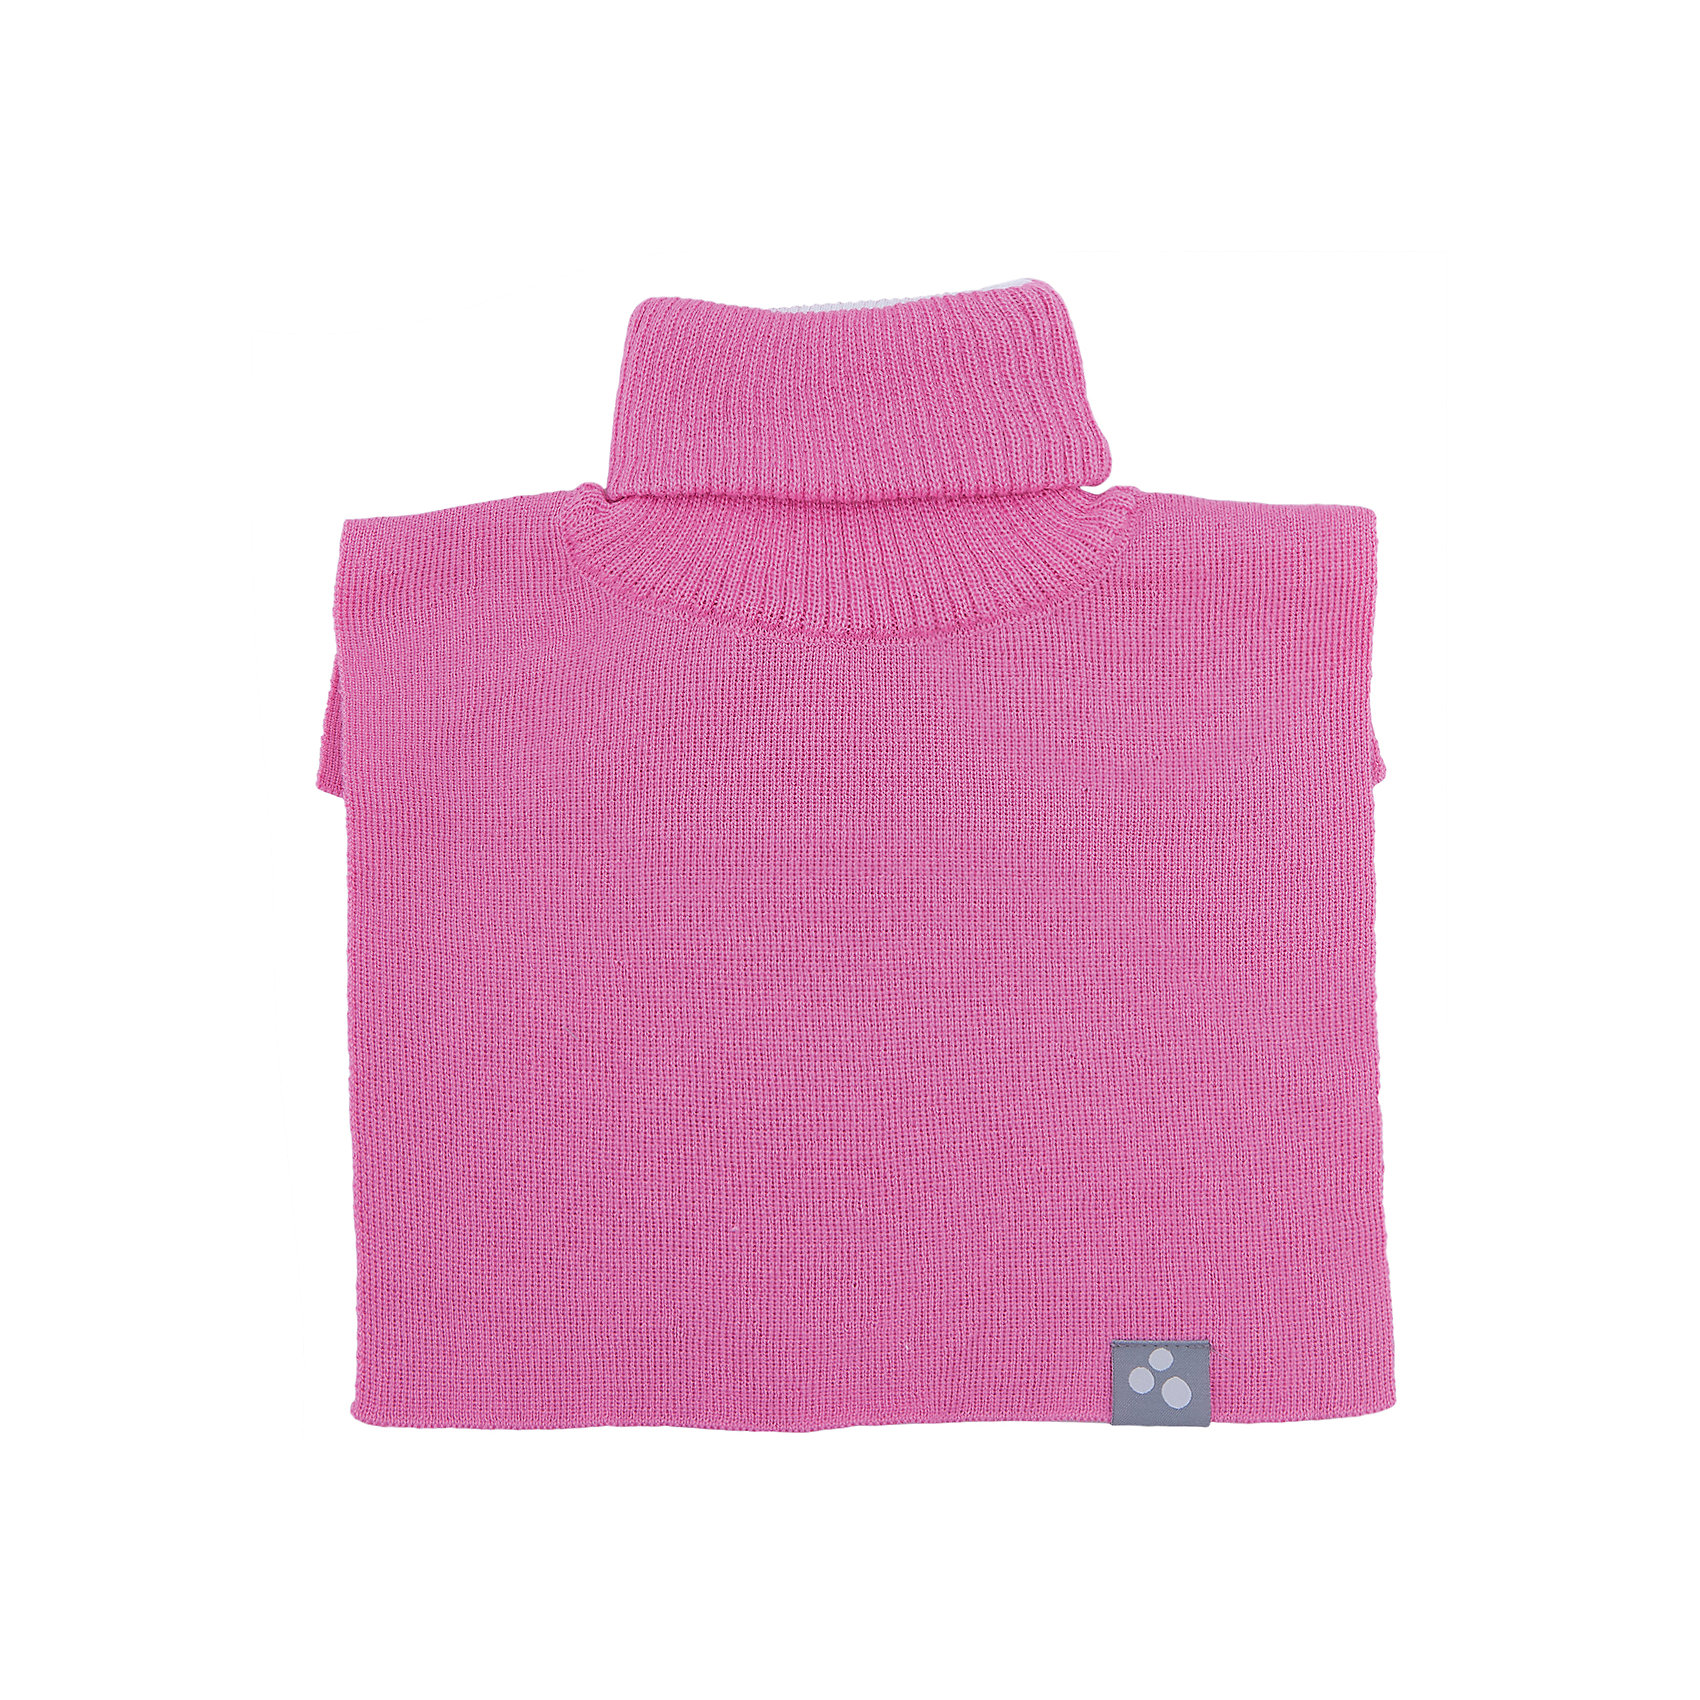 Манишка HuppaШарфы, платки<br>Манишка CORA Huppa(Хуппа) - вязаный воротник, изготовленный из шерсти мериноса и акрила с подкладкой из флиса. Он надежно защитит шею ребенка от мороза и ветра. Этот шарф ребенок с радостью наденет самостоятельно.<br><br>Дополнительная информация:<br>Материал: 50% шерсть мериноса, 50% акрил<br>Подкладка : хлопок<br>Цвет: розовый<br><br>Манишку CORA Huppa(Хуппа) можно приобрести в нашем интернет-магазине.<br><br>Ширина мм: 88<br>Глубина мм: 155<br>Высота мм: 26<br>Вес г: 106<br>Цвет: розовый<br>Возраст от месяцев: 12<br>Возраст до месяцев: 24<br>Пол: Женский<br>Возраст: Детский<br>Размер: 47-49,55-57<br>SKU: 4923906